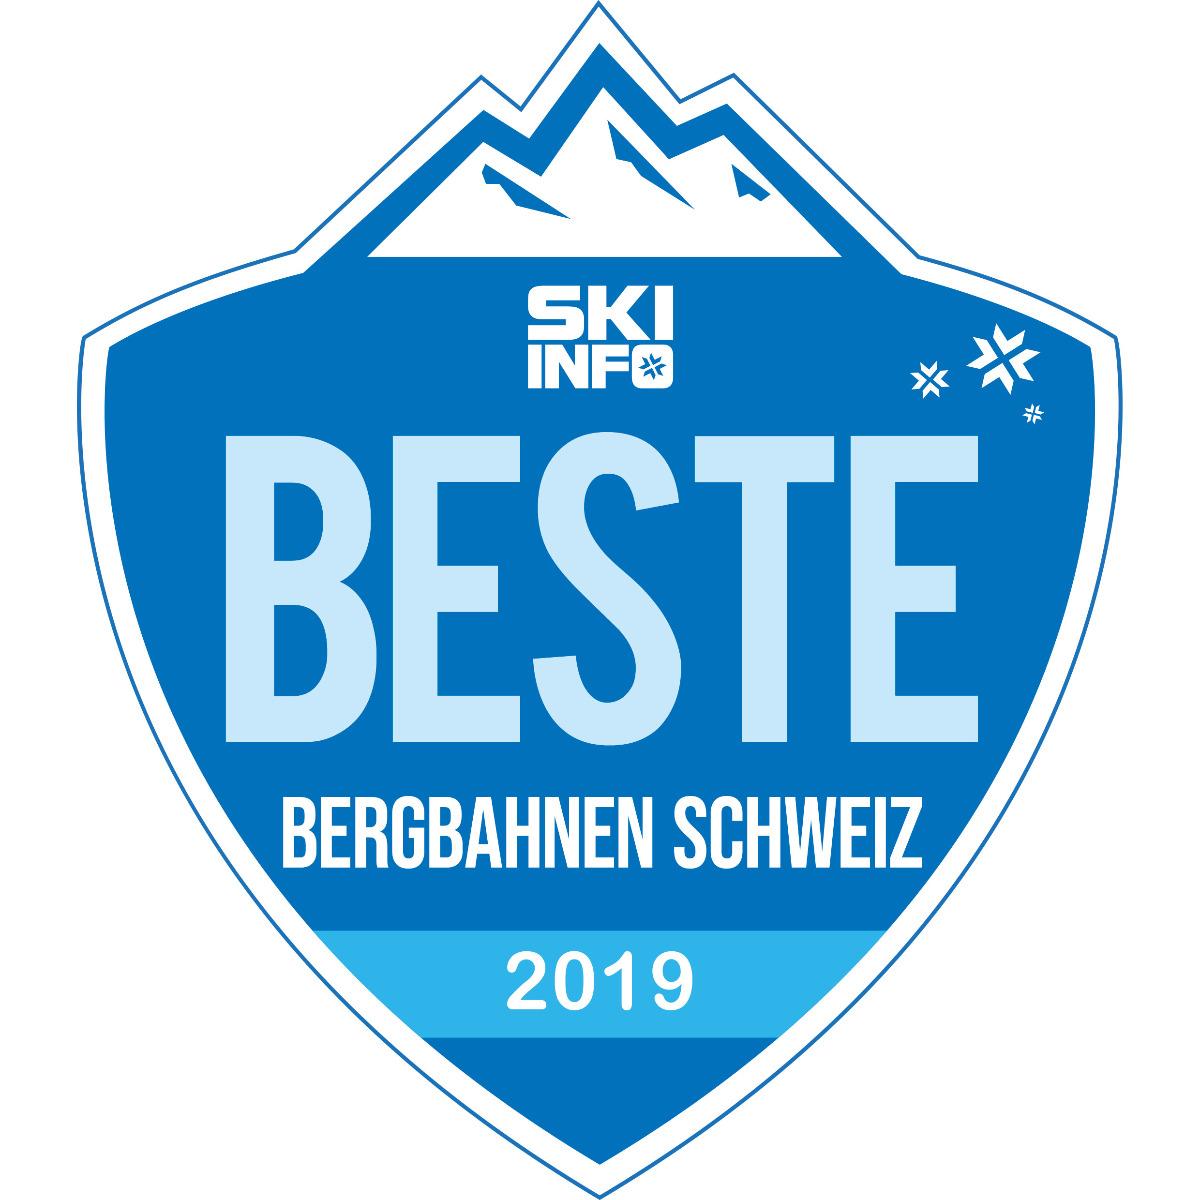 Bestes Bergbahnen Schweiz 2018/2019